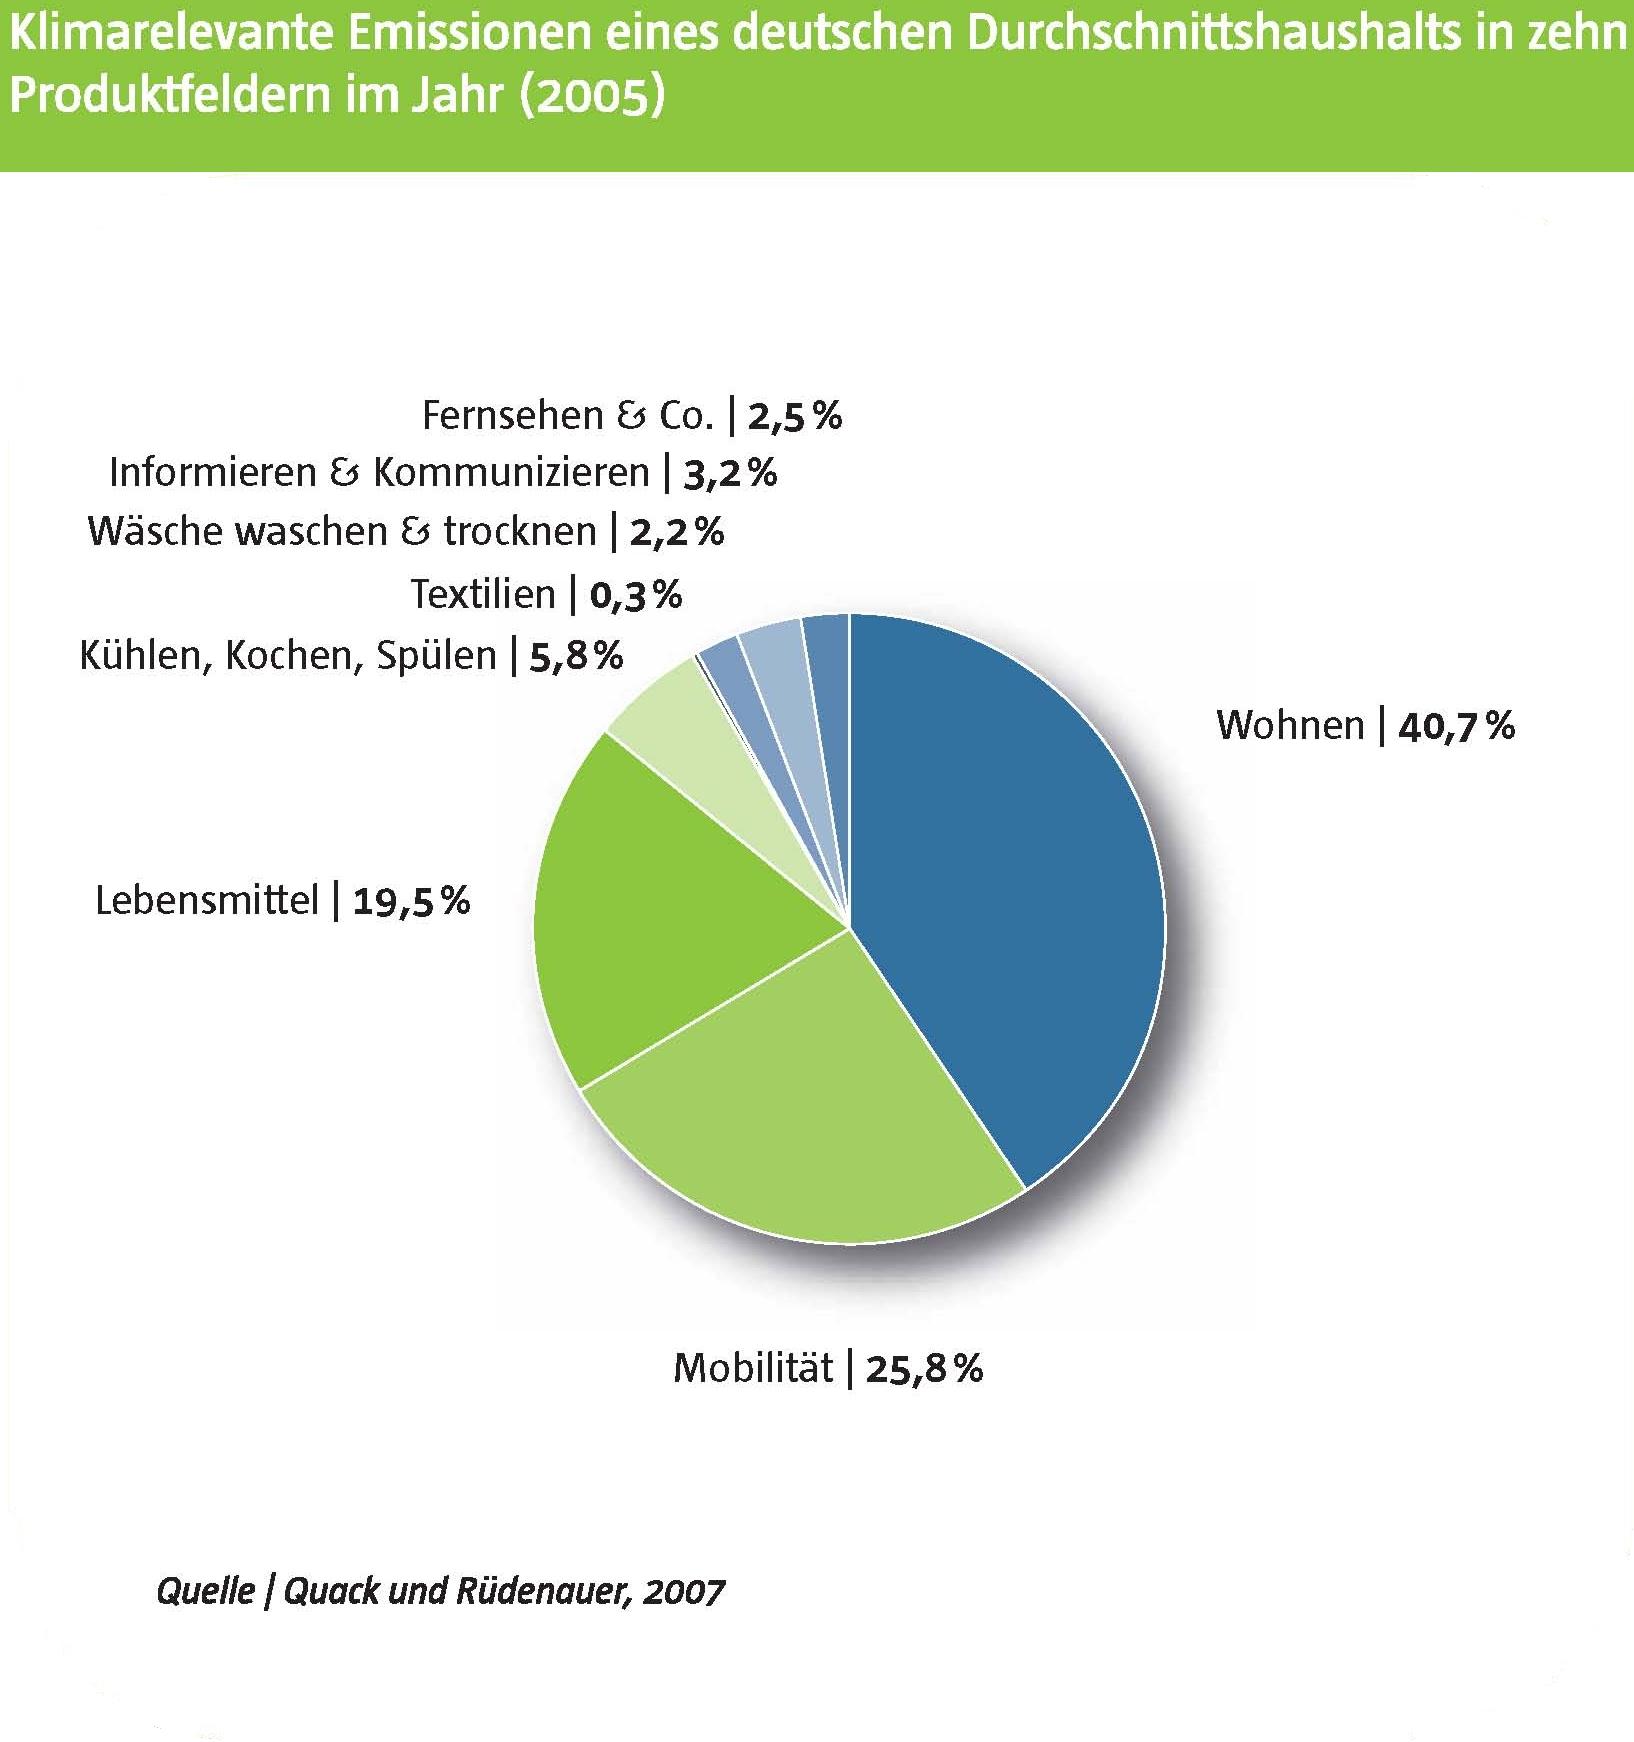 Tortendiagramm zu den klimarelevanten Emissionen eines deutschen Durchschnittshaushalts in zehn Produktfeldern (2005)